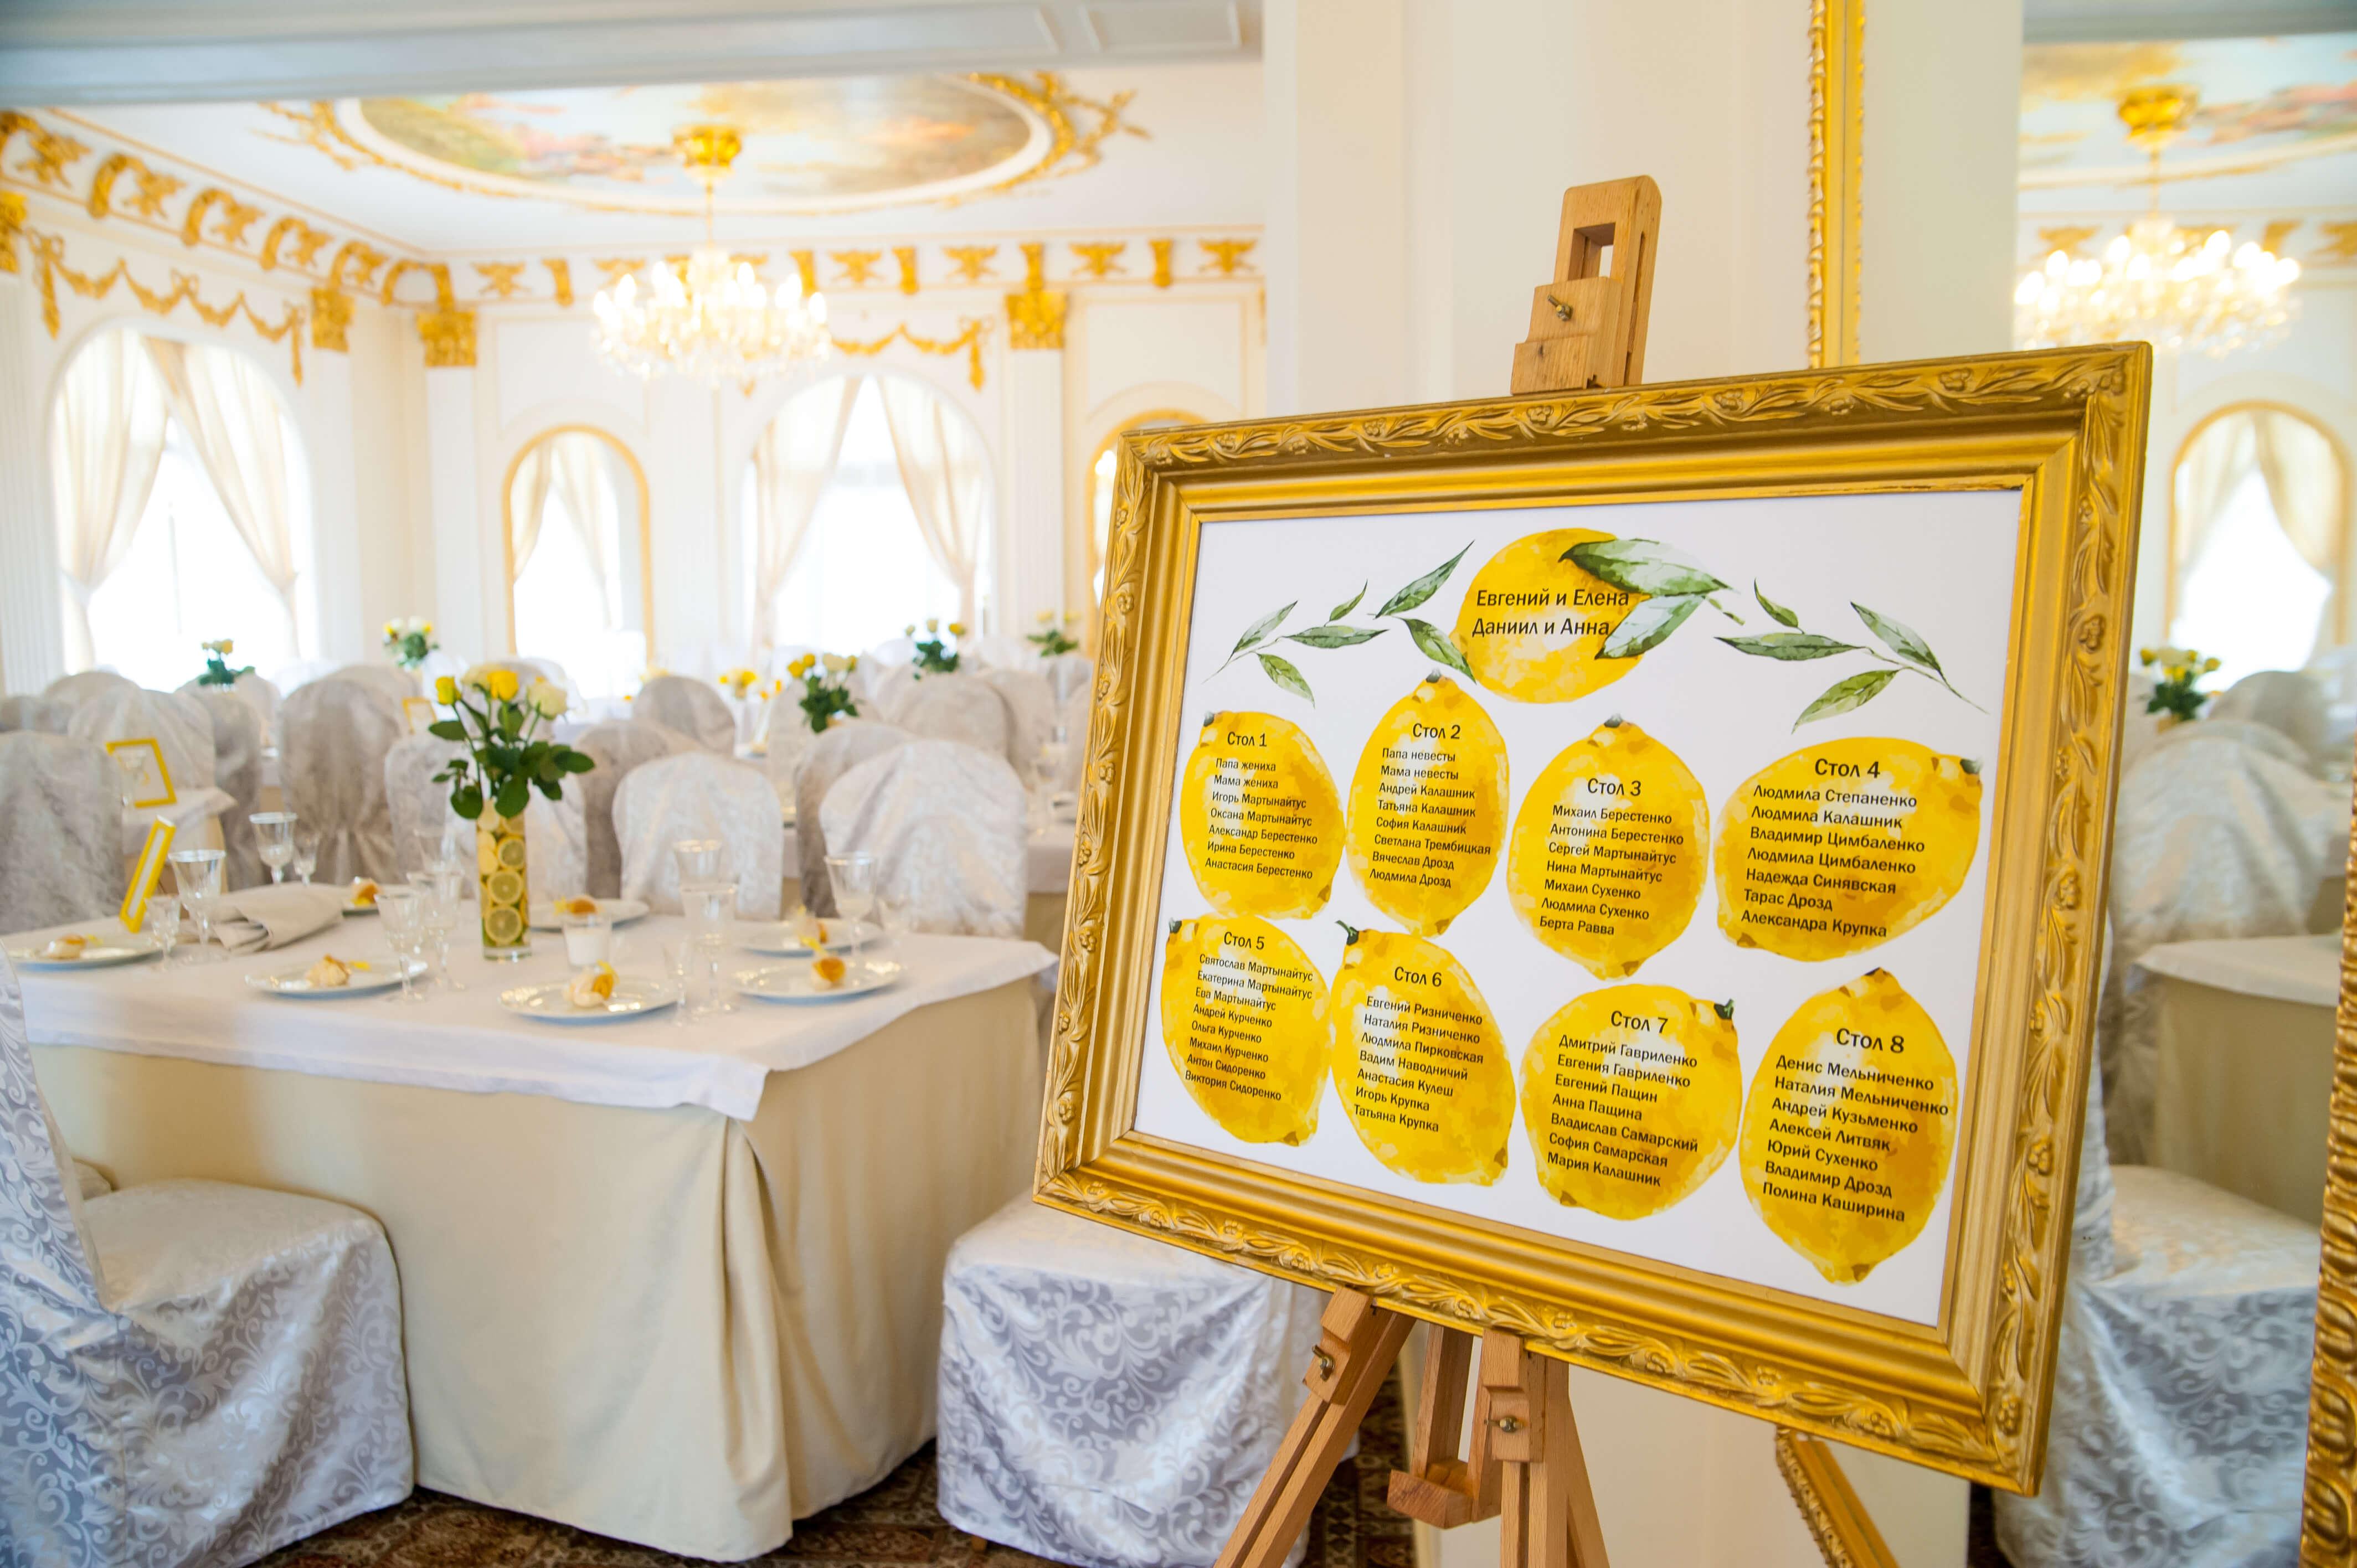 схема рассадки гостей на свадьбе в лимонном стиле